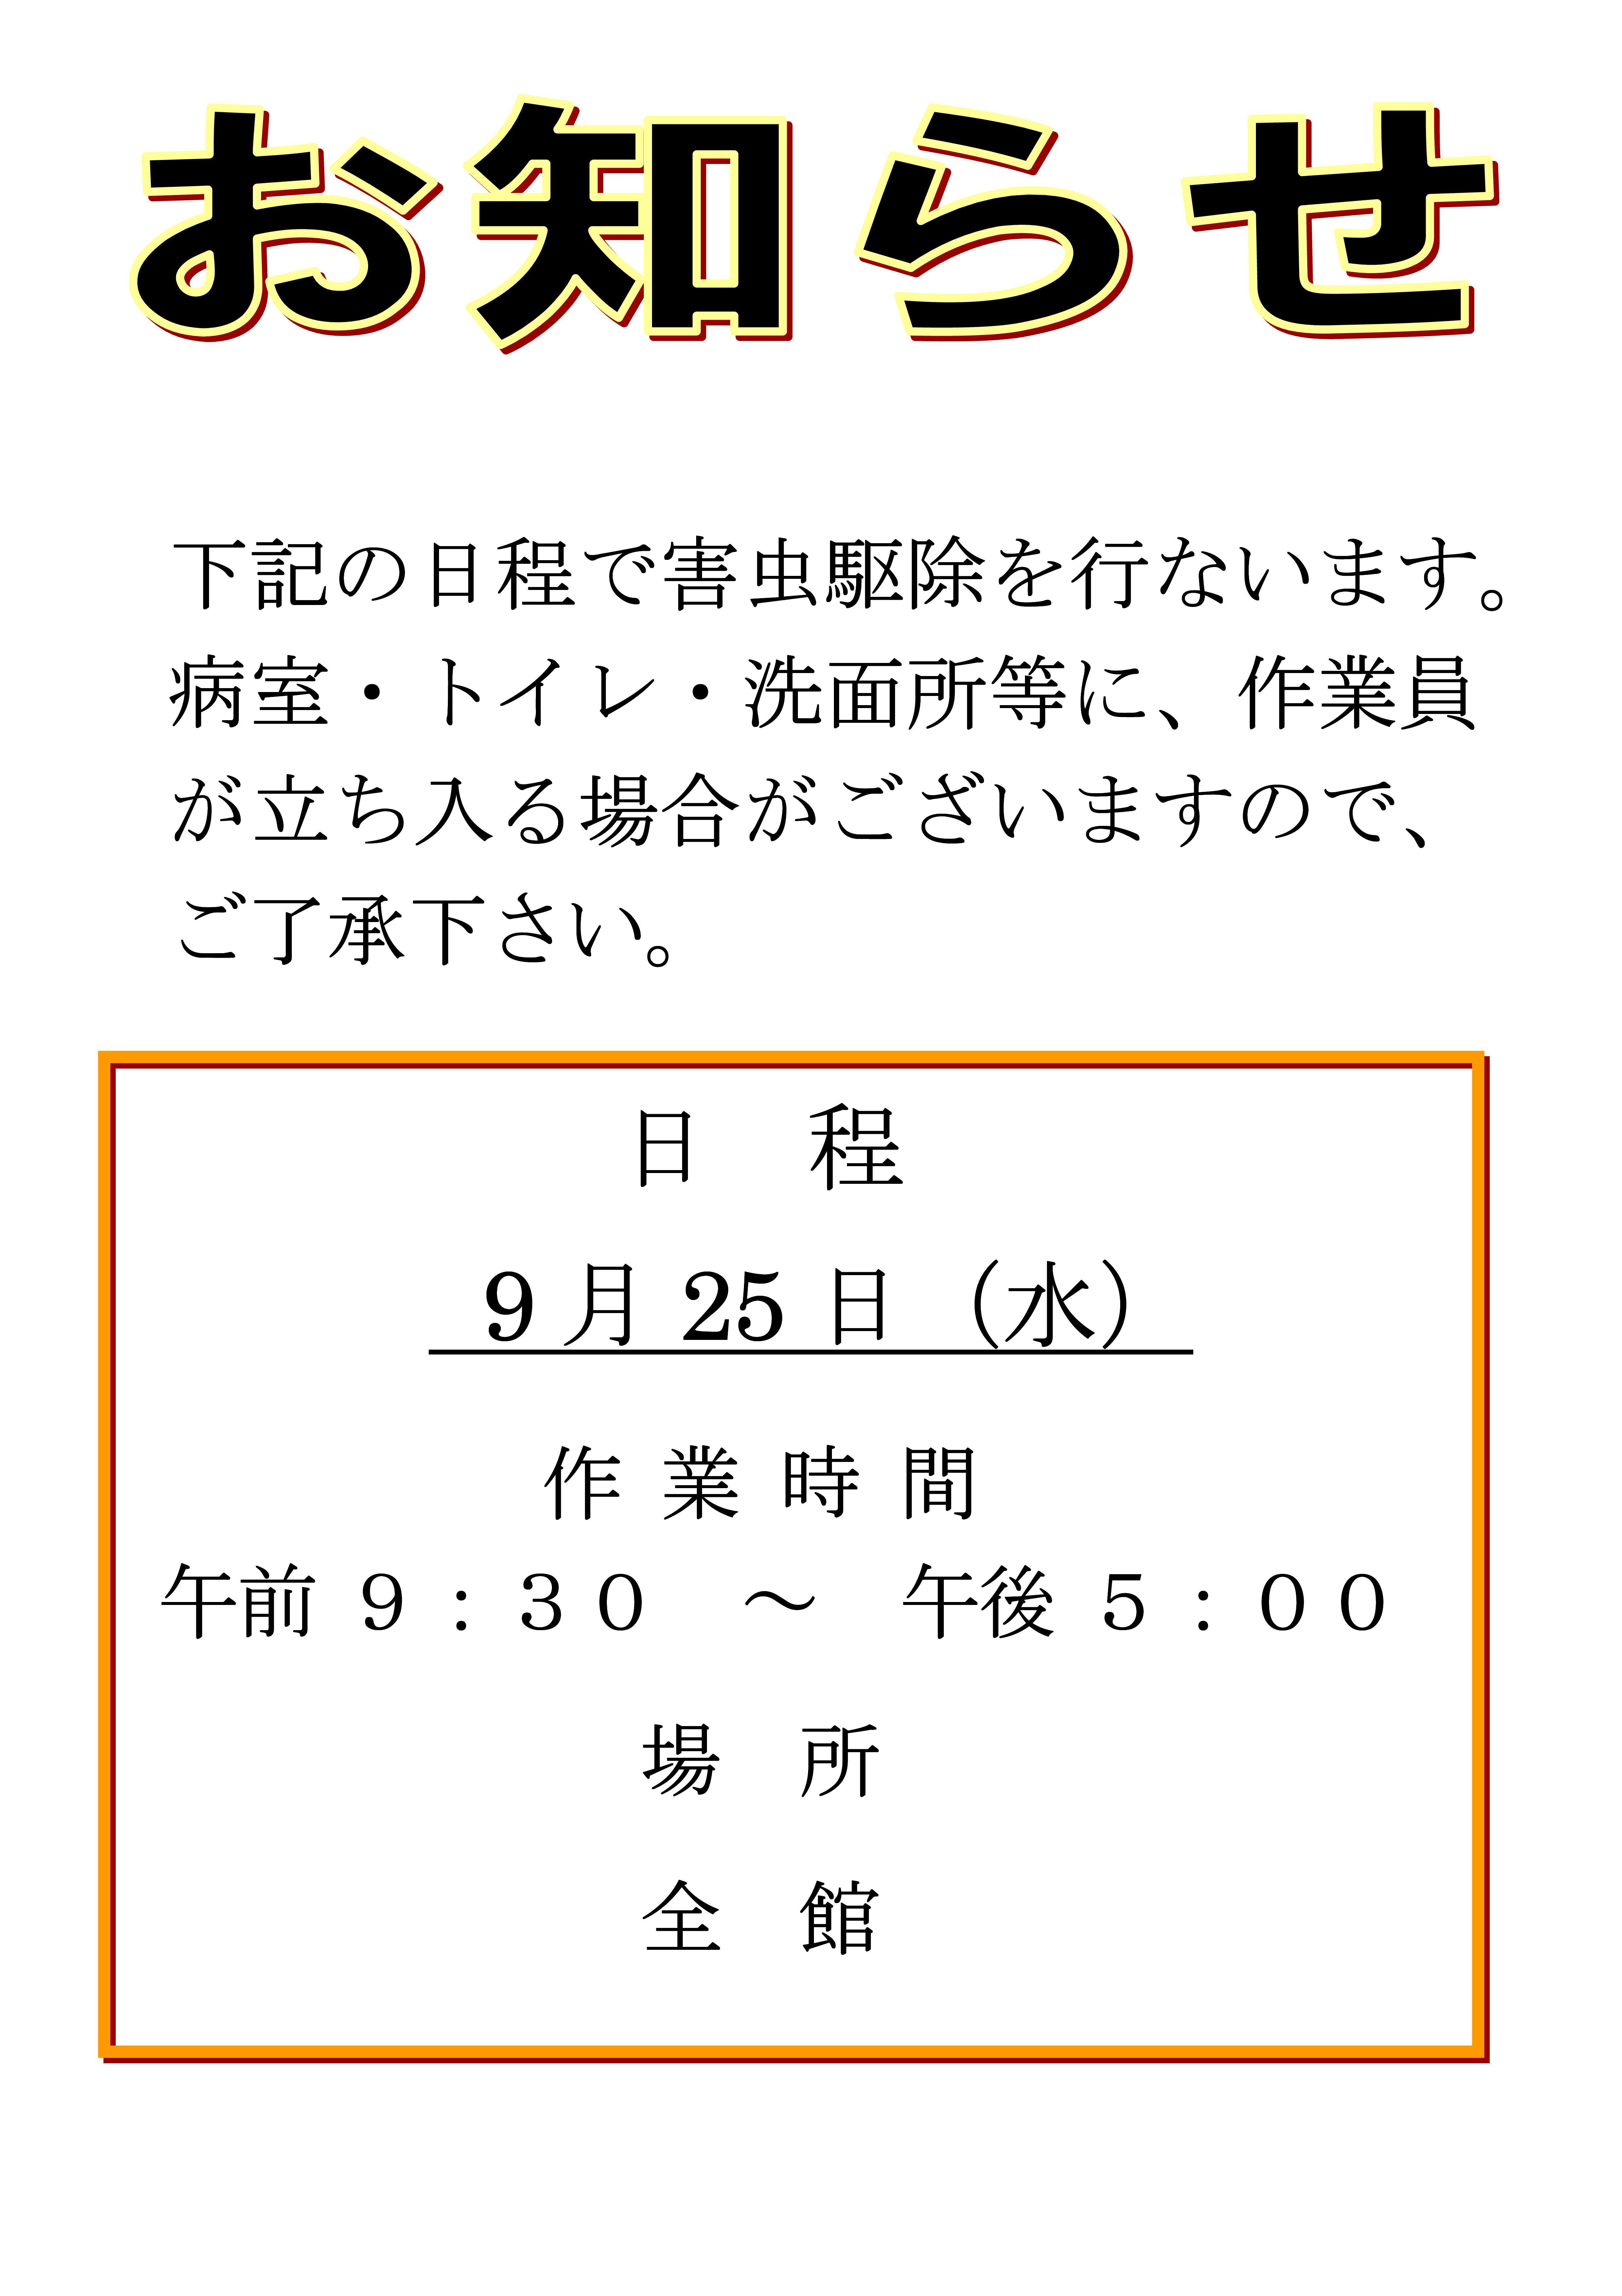 2019年9月25日(水)9:30~17:00(予定)害虫駆除を行います。